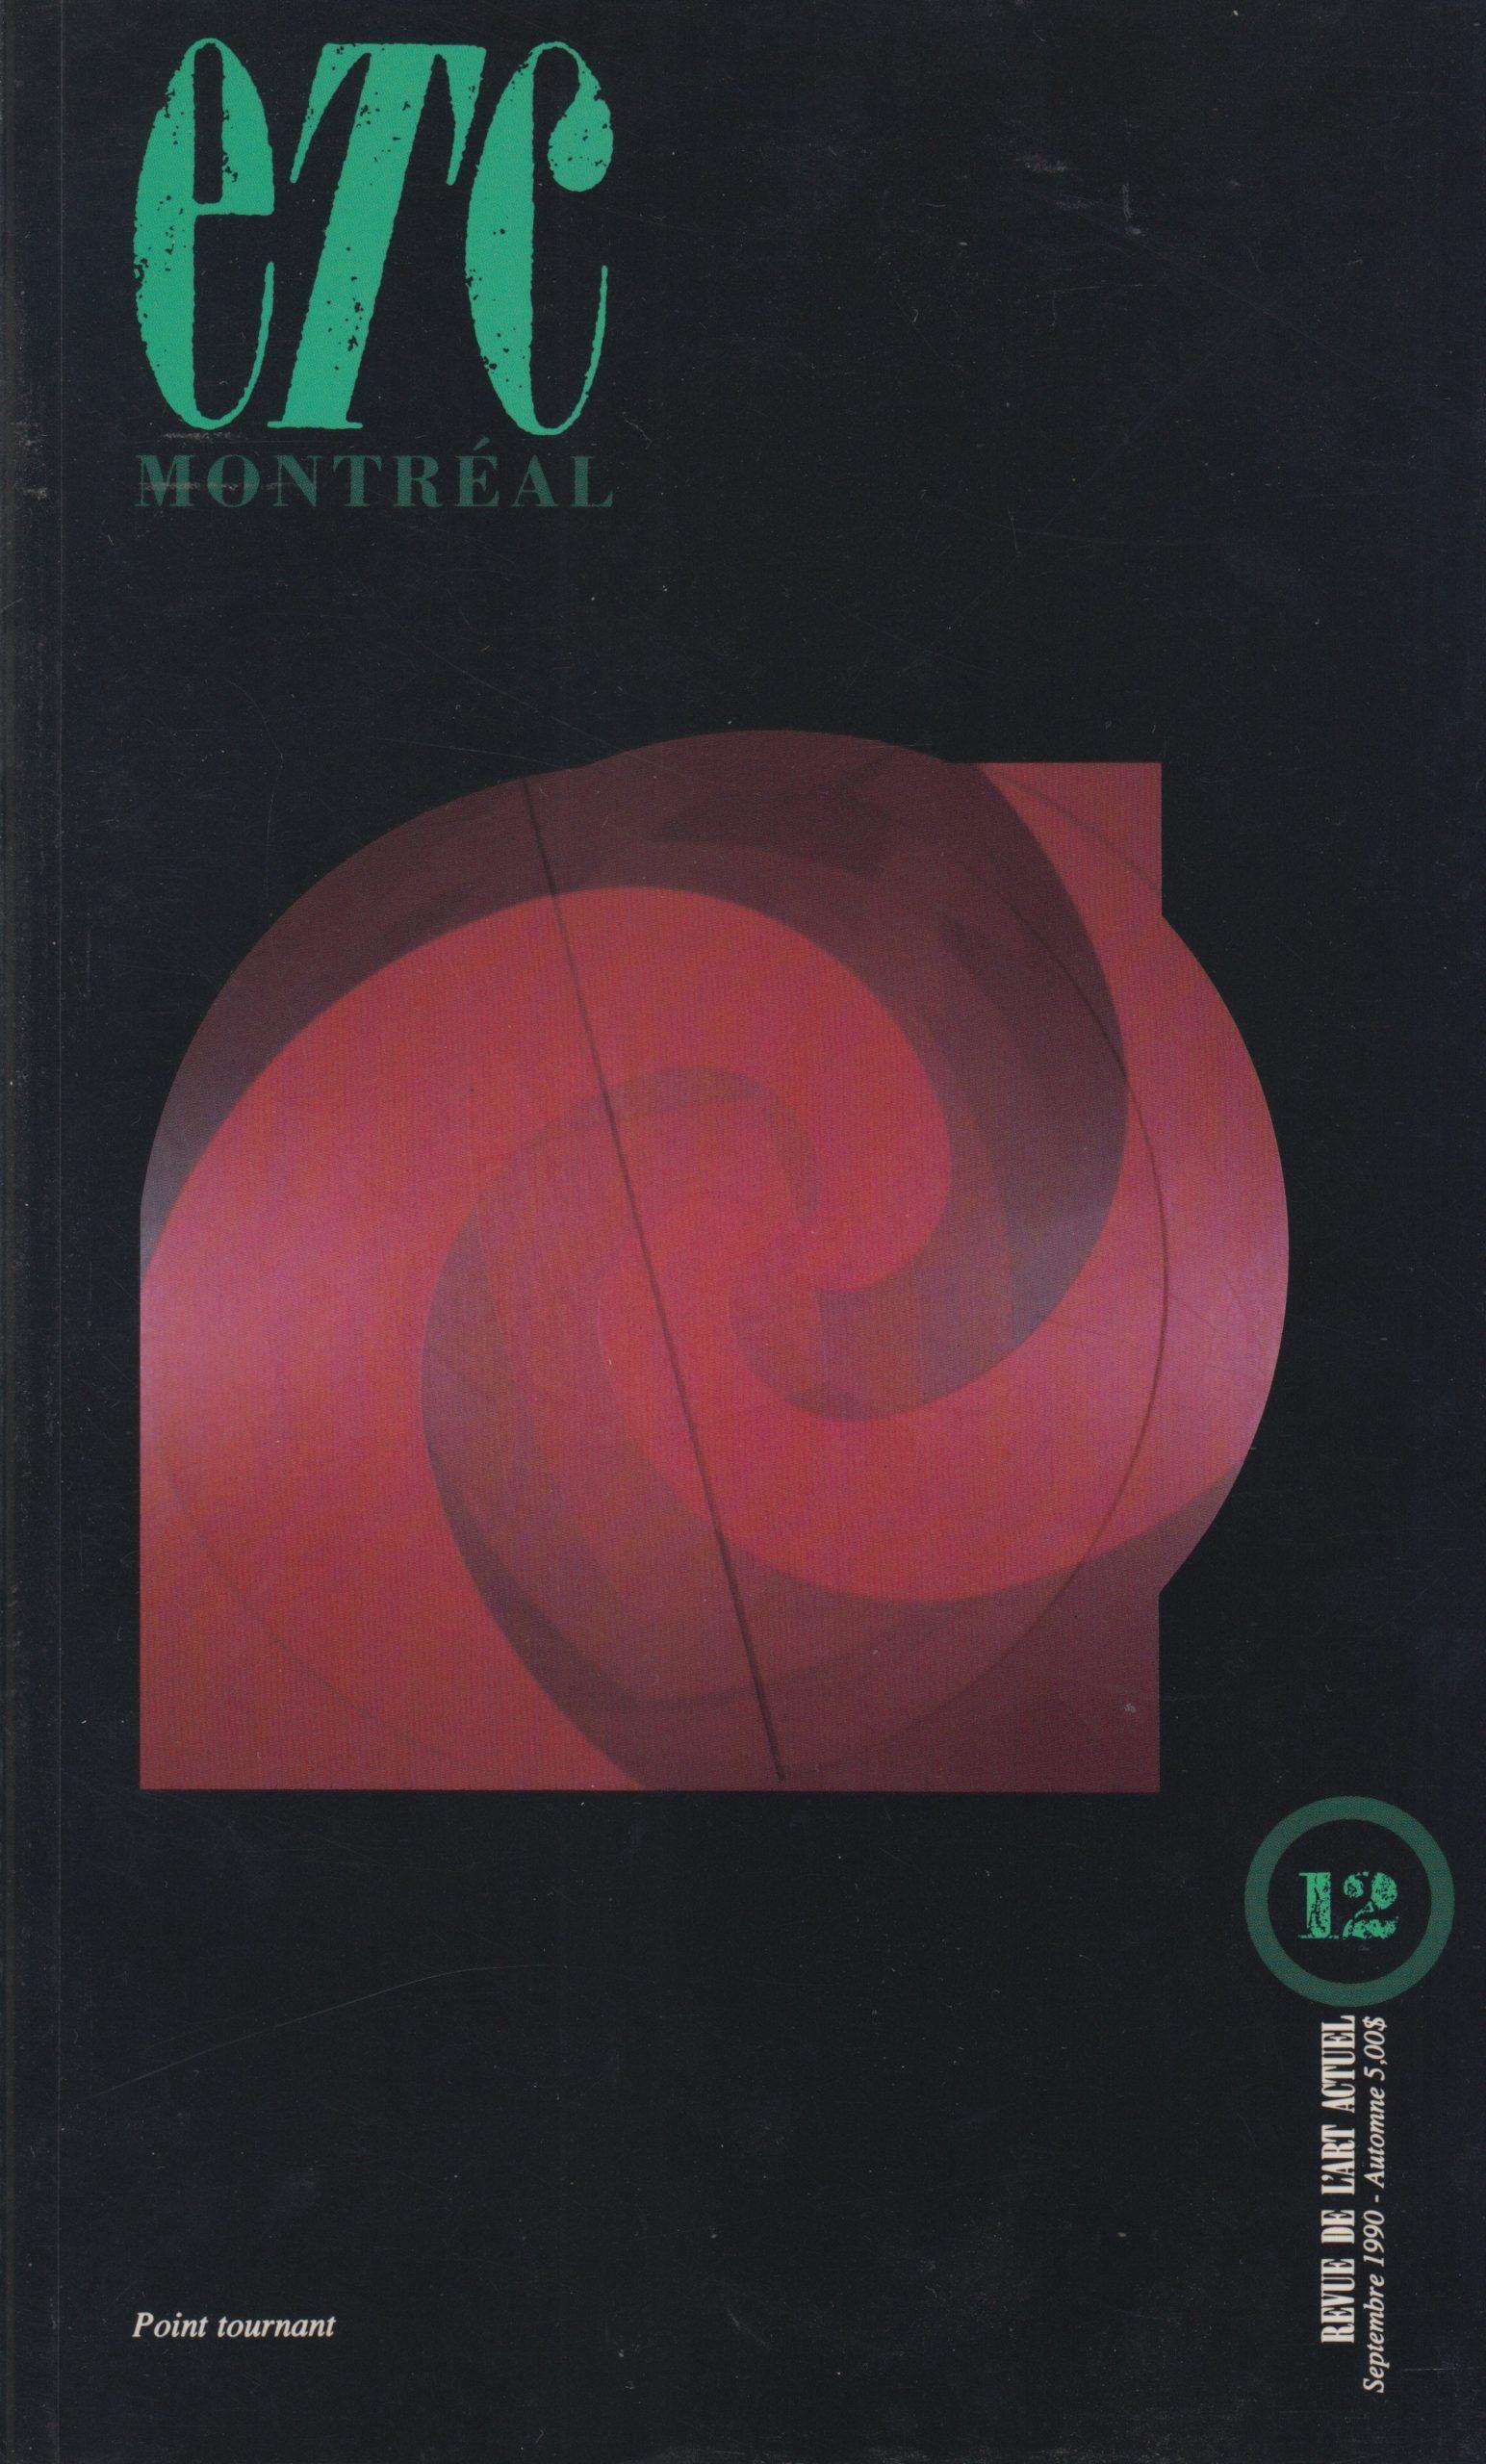 Chroniques peinture et vidéo, Revue ETC Montréal, 1990-1992